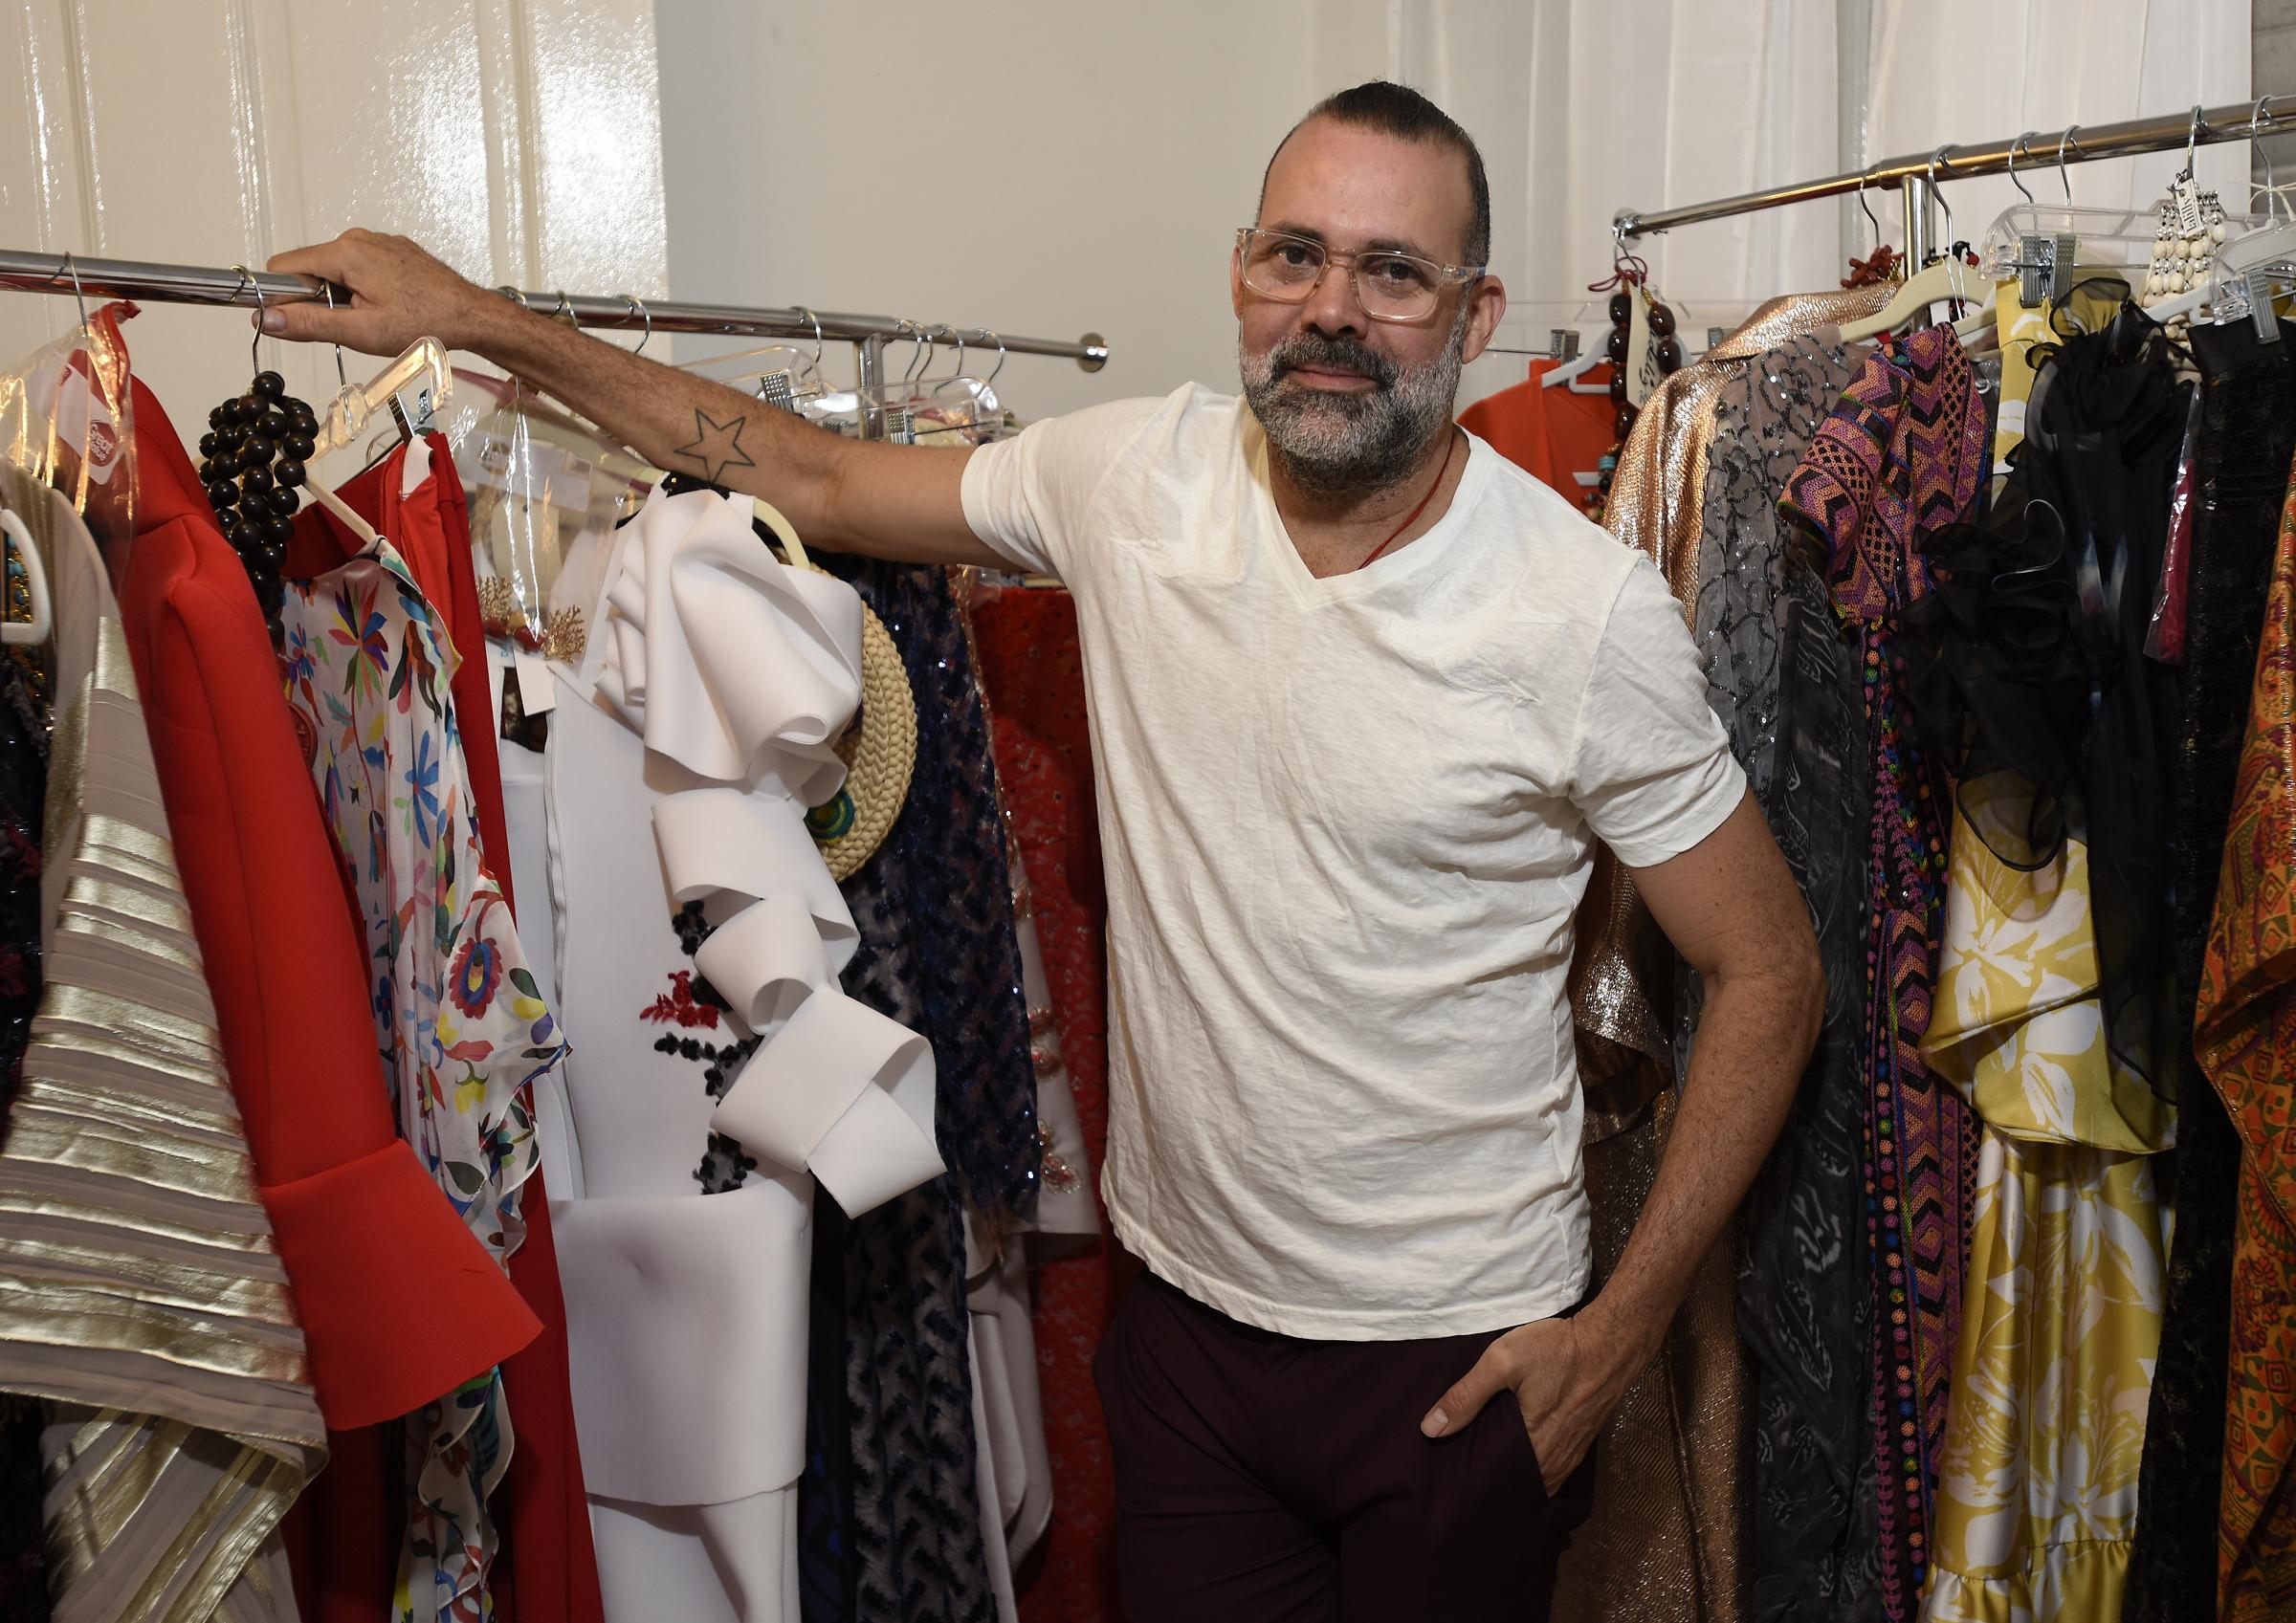 El diseñador David Antonio. Foto Ángel Luis García